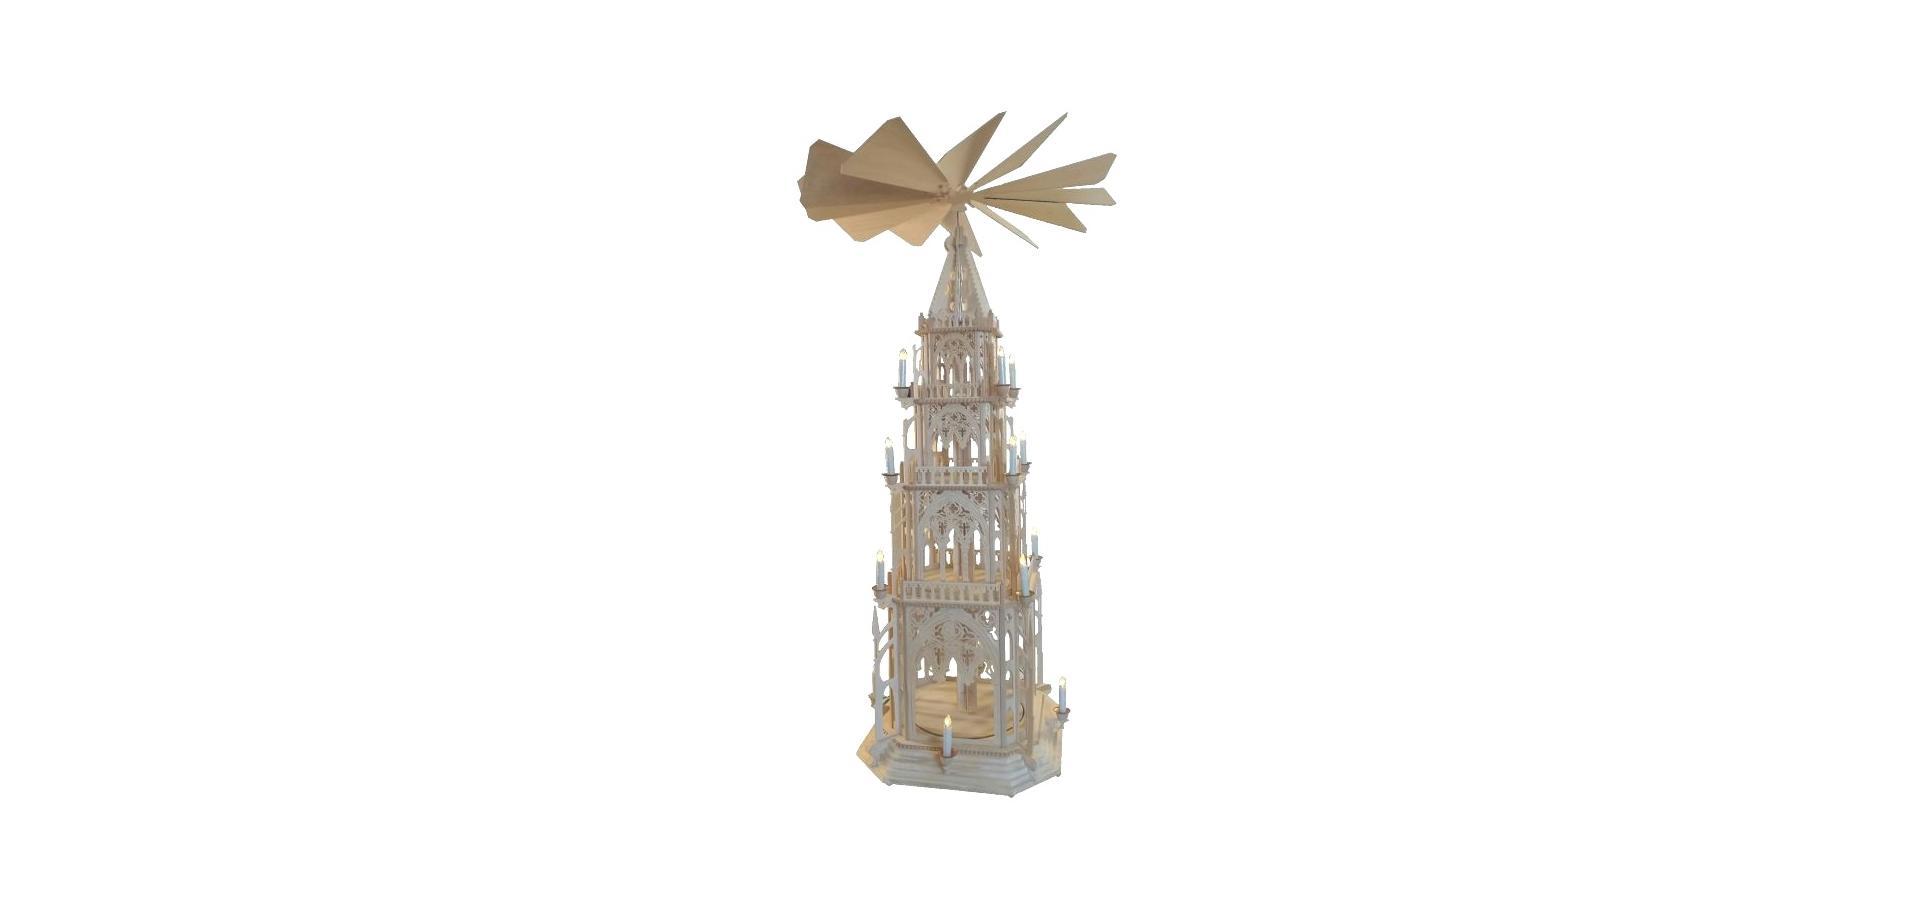 Weihnachten, Pyramide, Gothisch, Erzgebirge, Holzkunstatelier